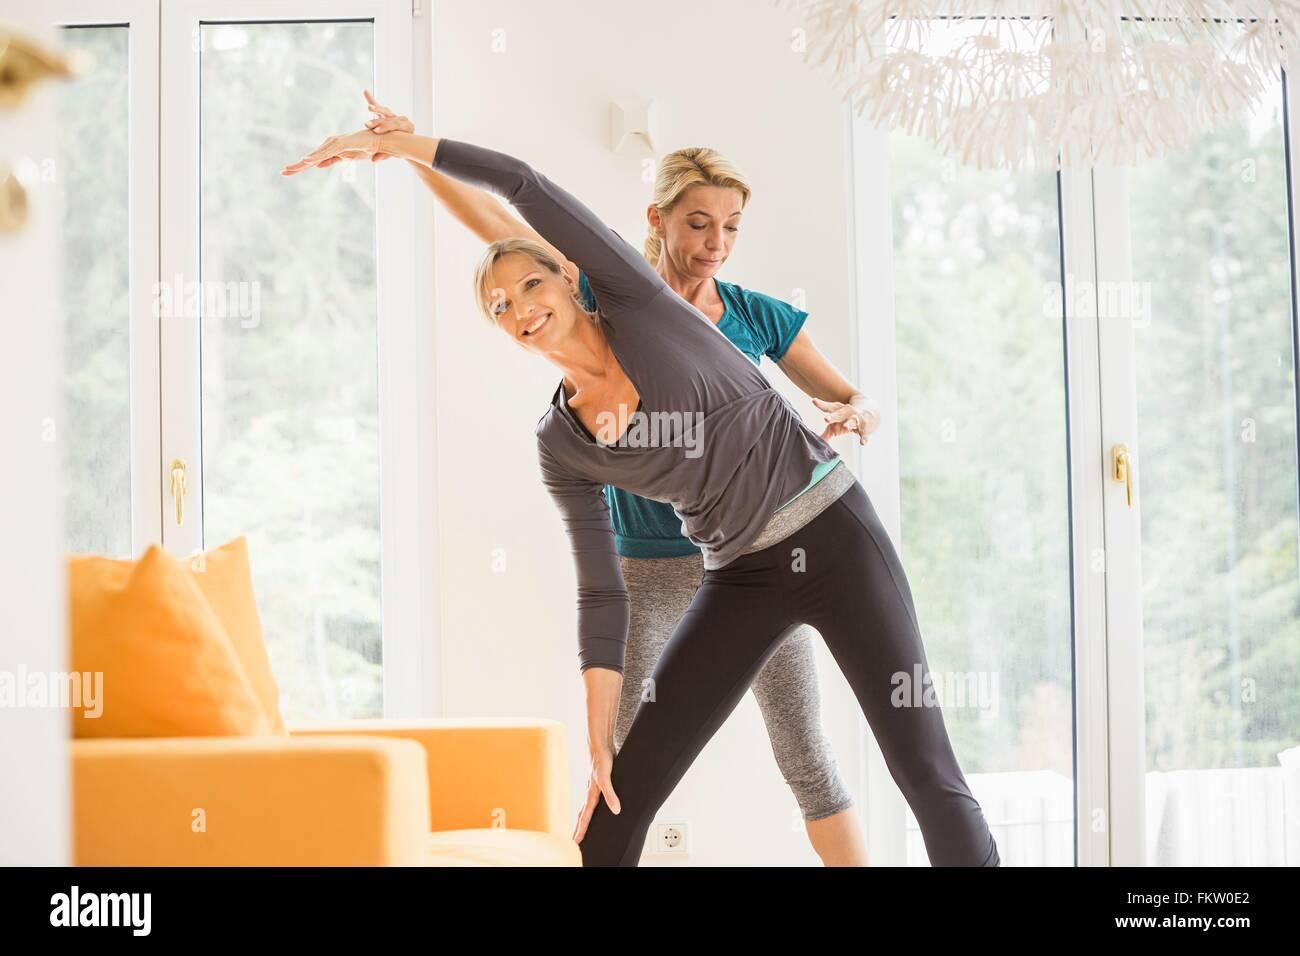 Mujer madura y entrenador personal ejercicio en la sala de estar Imagen De Stock